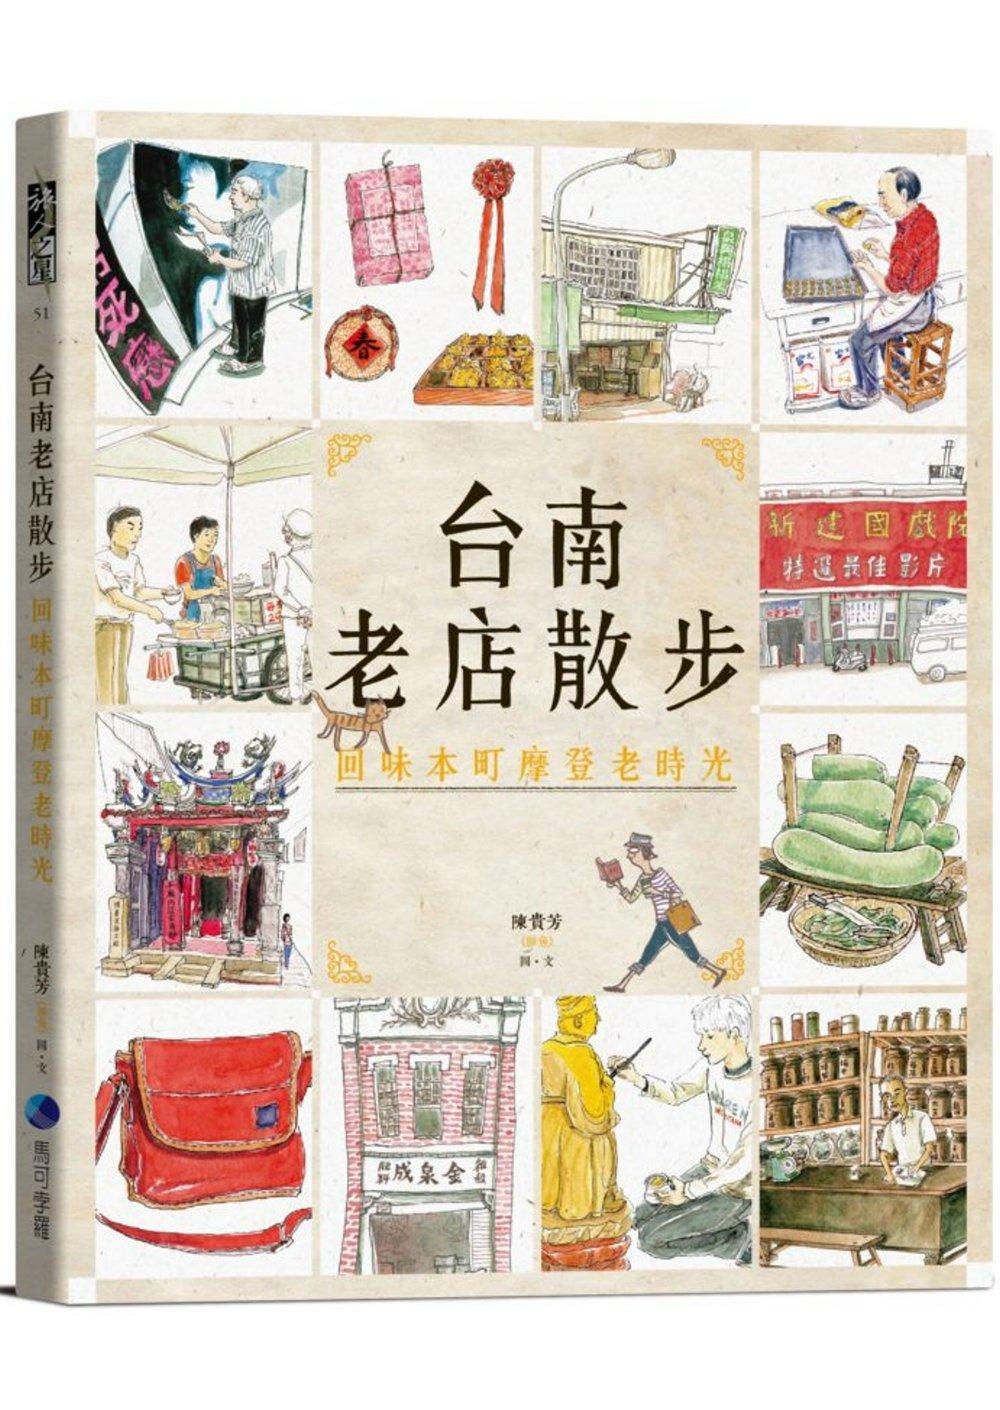 台南老店散步:回味本町摩登老時光